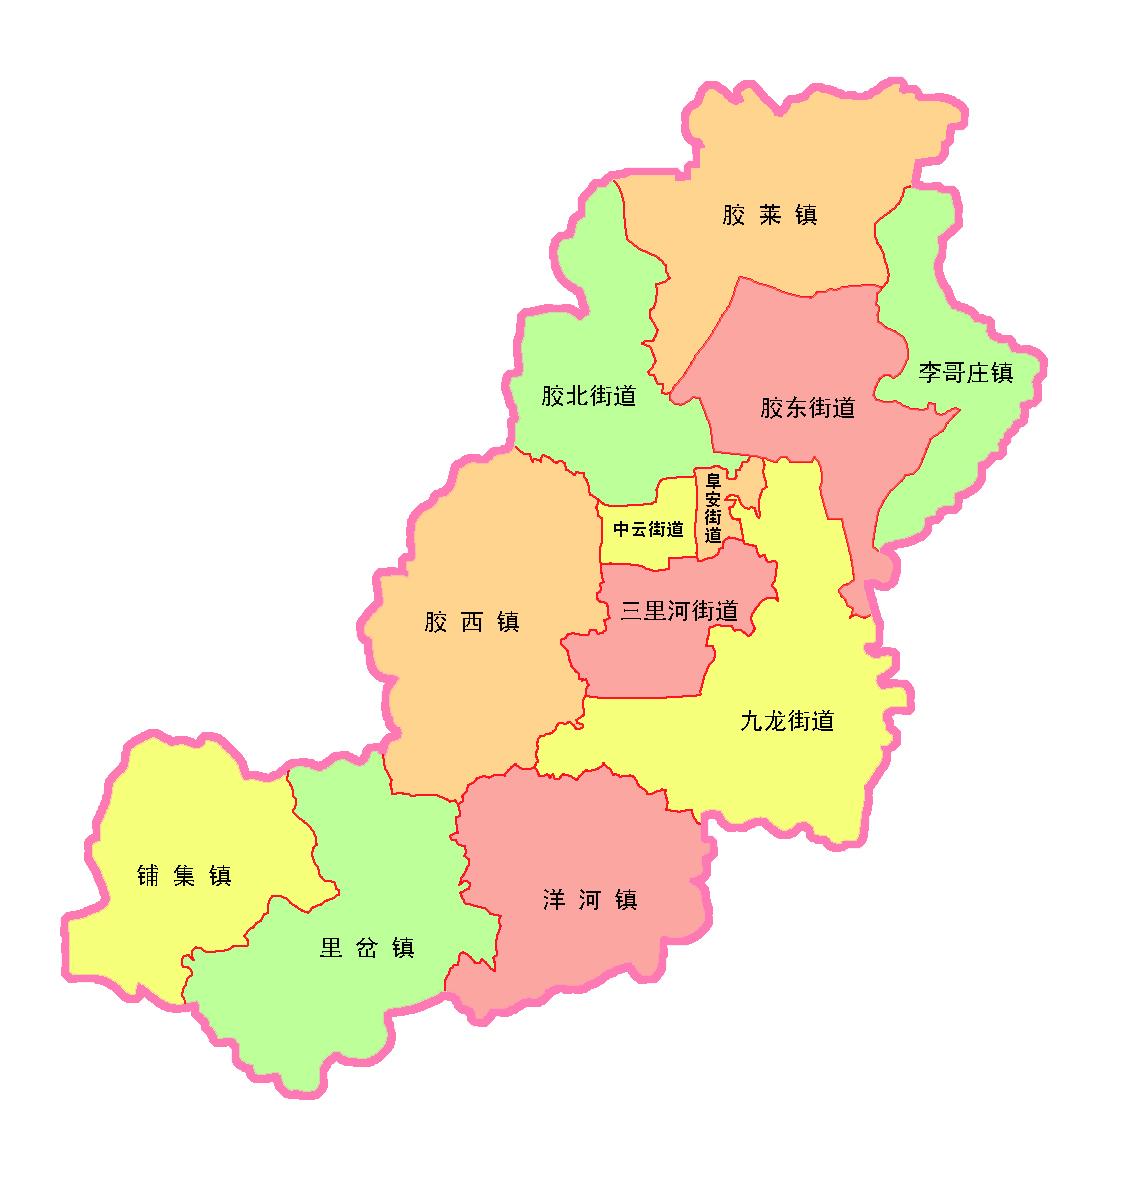 胶州市行政区划图